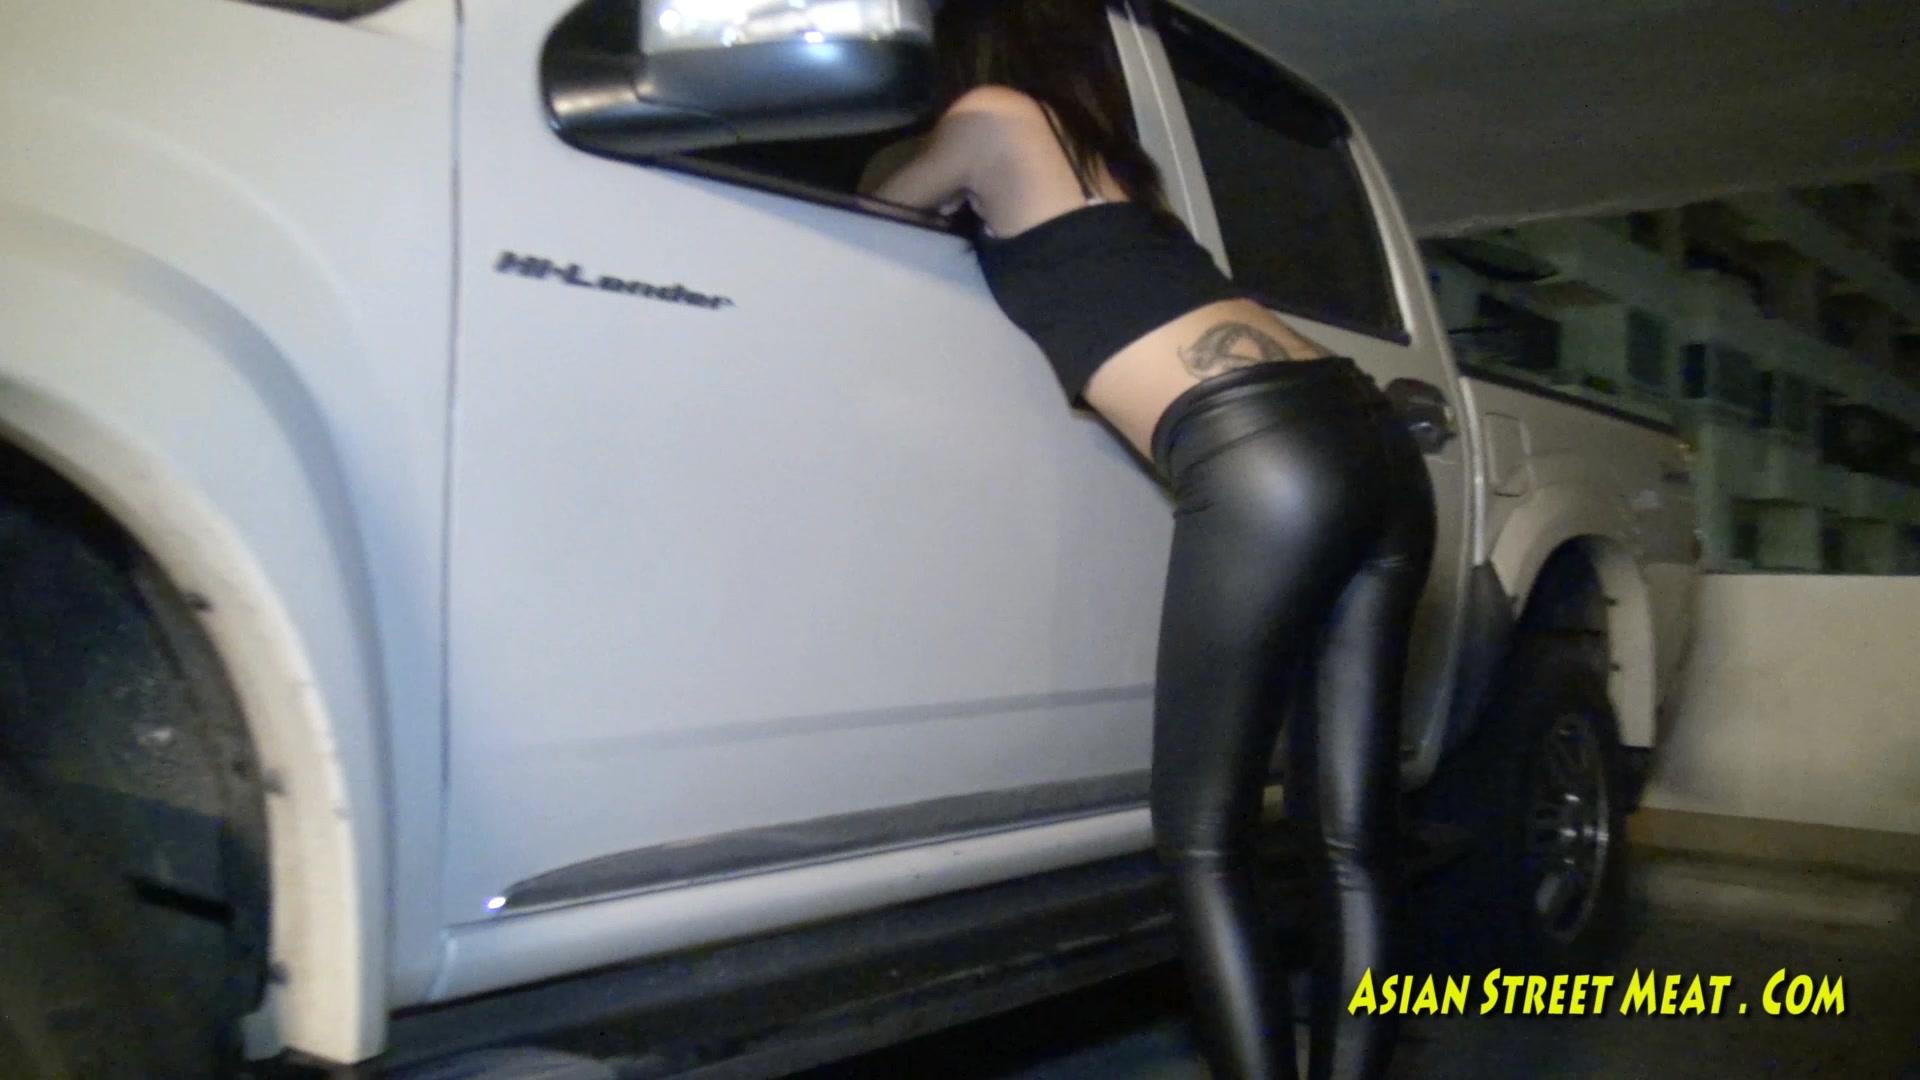 065111291_Asian_Leggings_1080p.mp4_20160831_073353.609_123_188lo.jpg